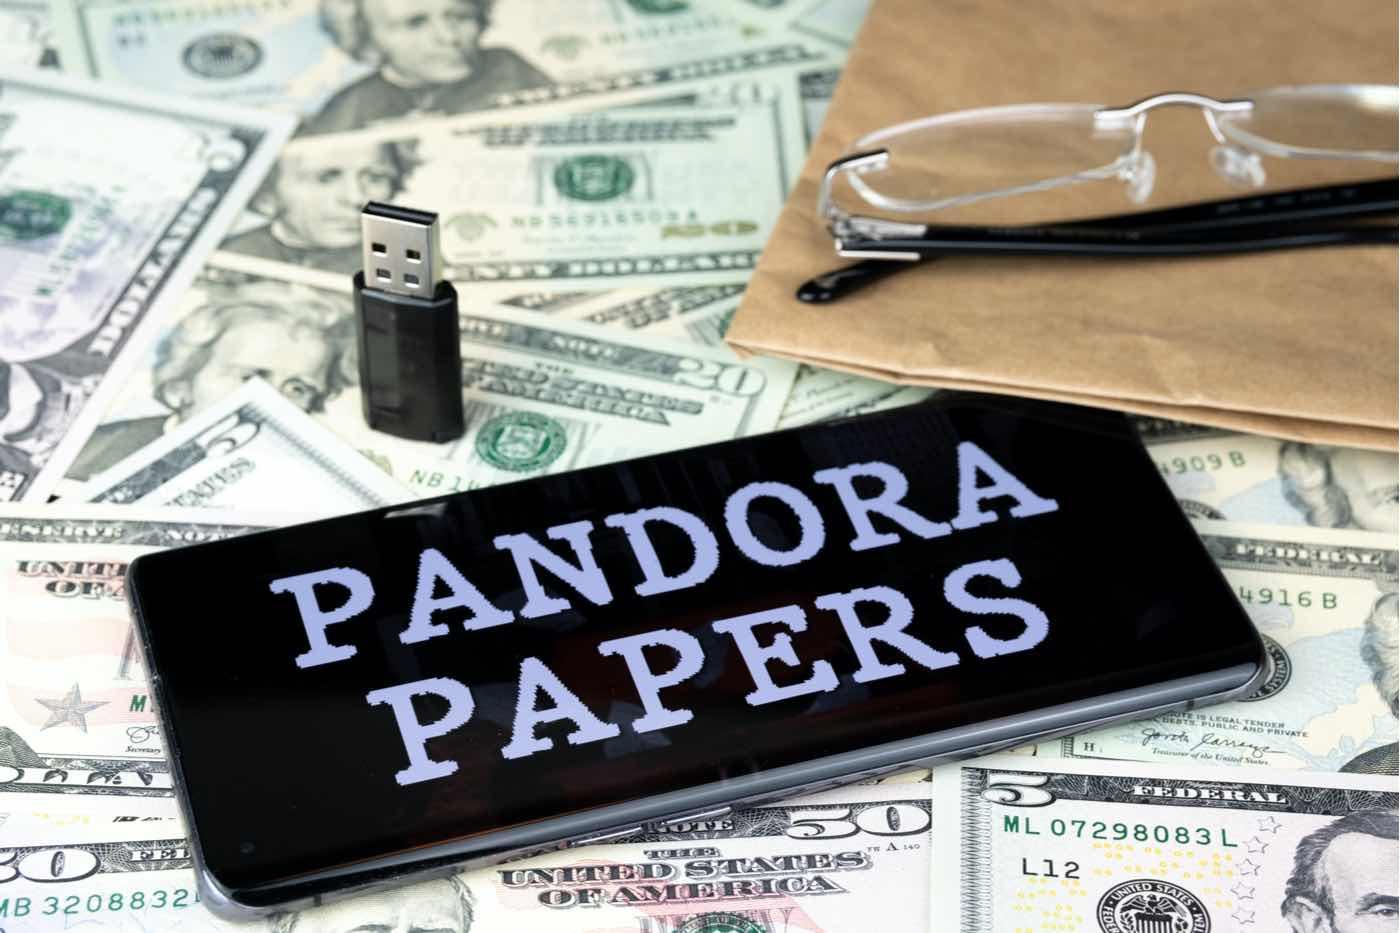 De Panamá a Pandora Papers: cómo los ultrarricos del mundo esconden su riqueza.